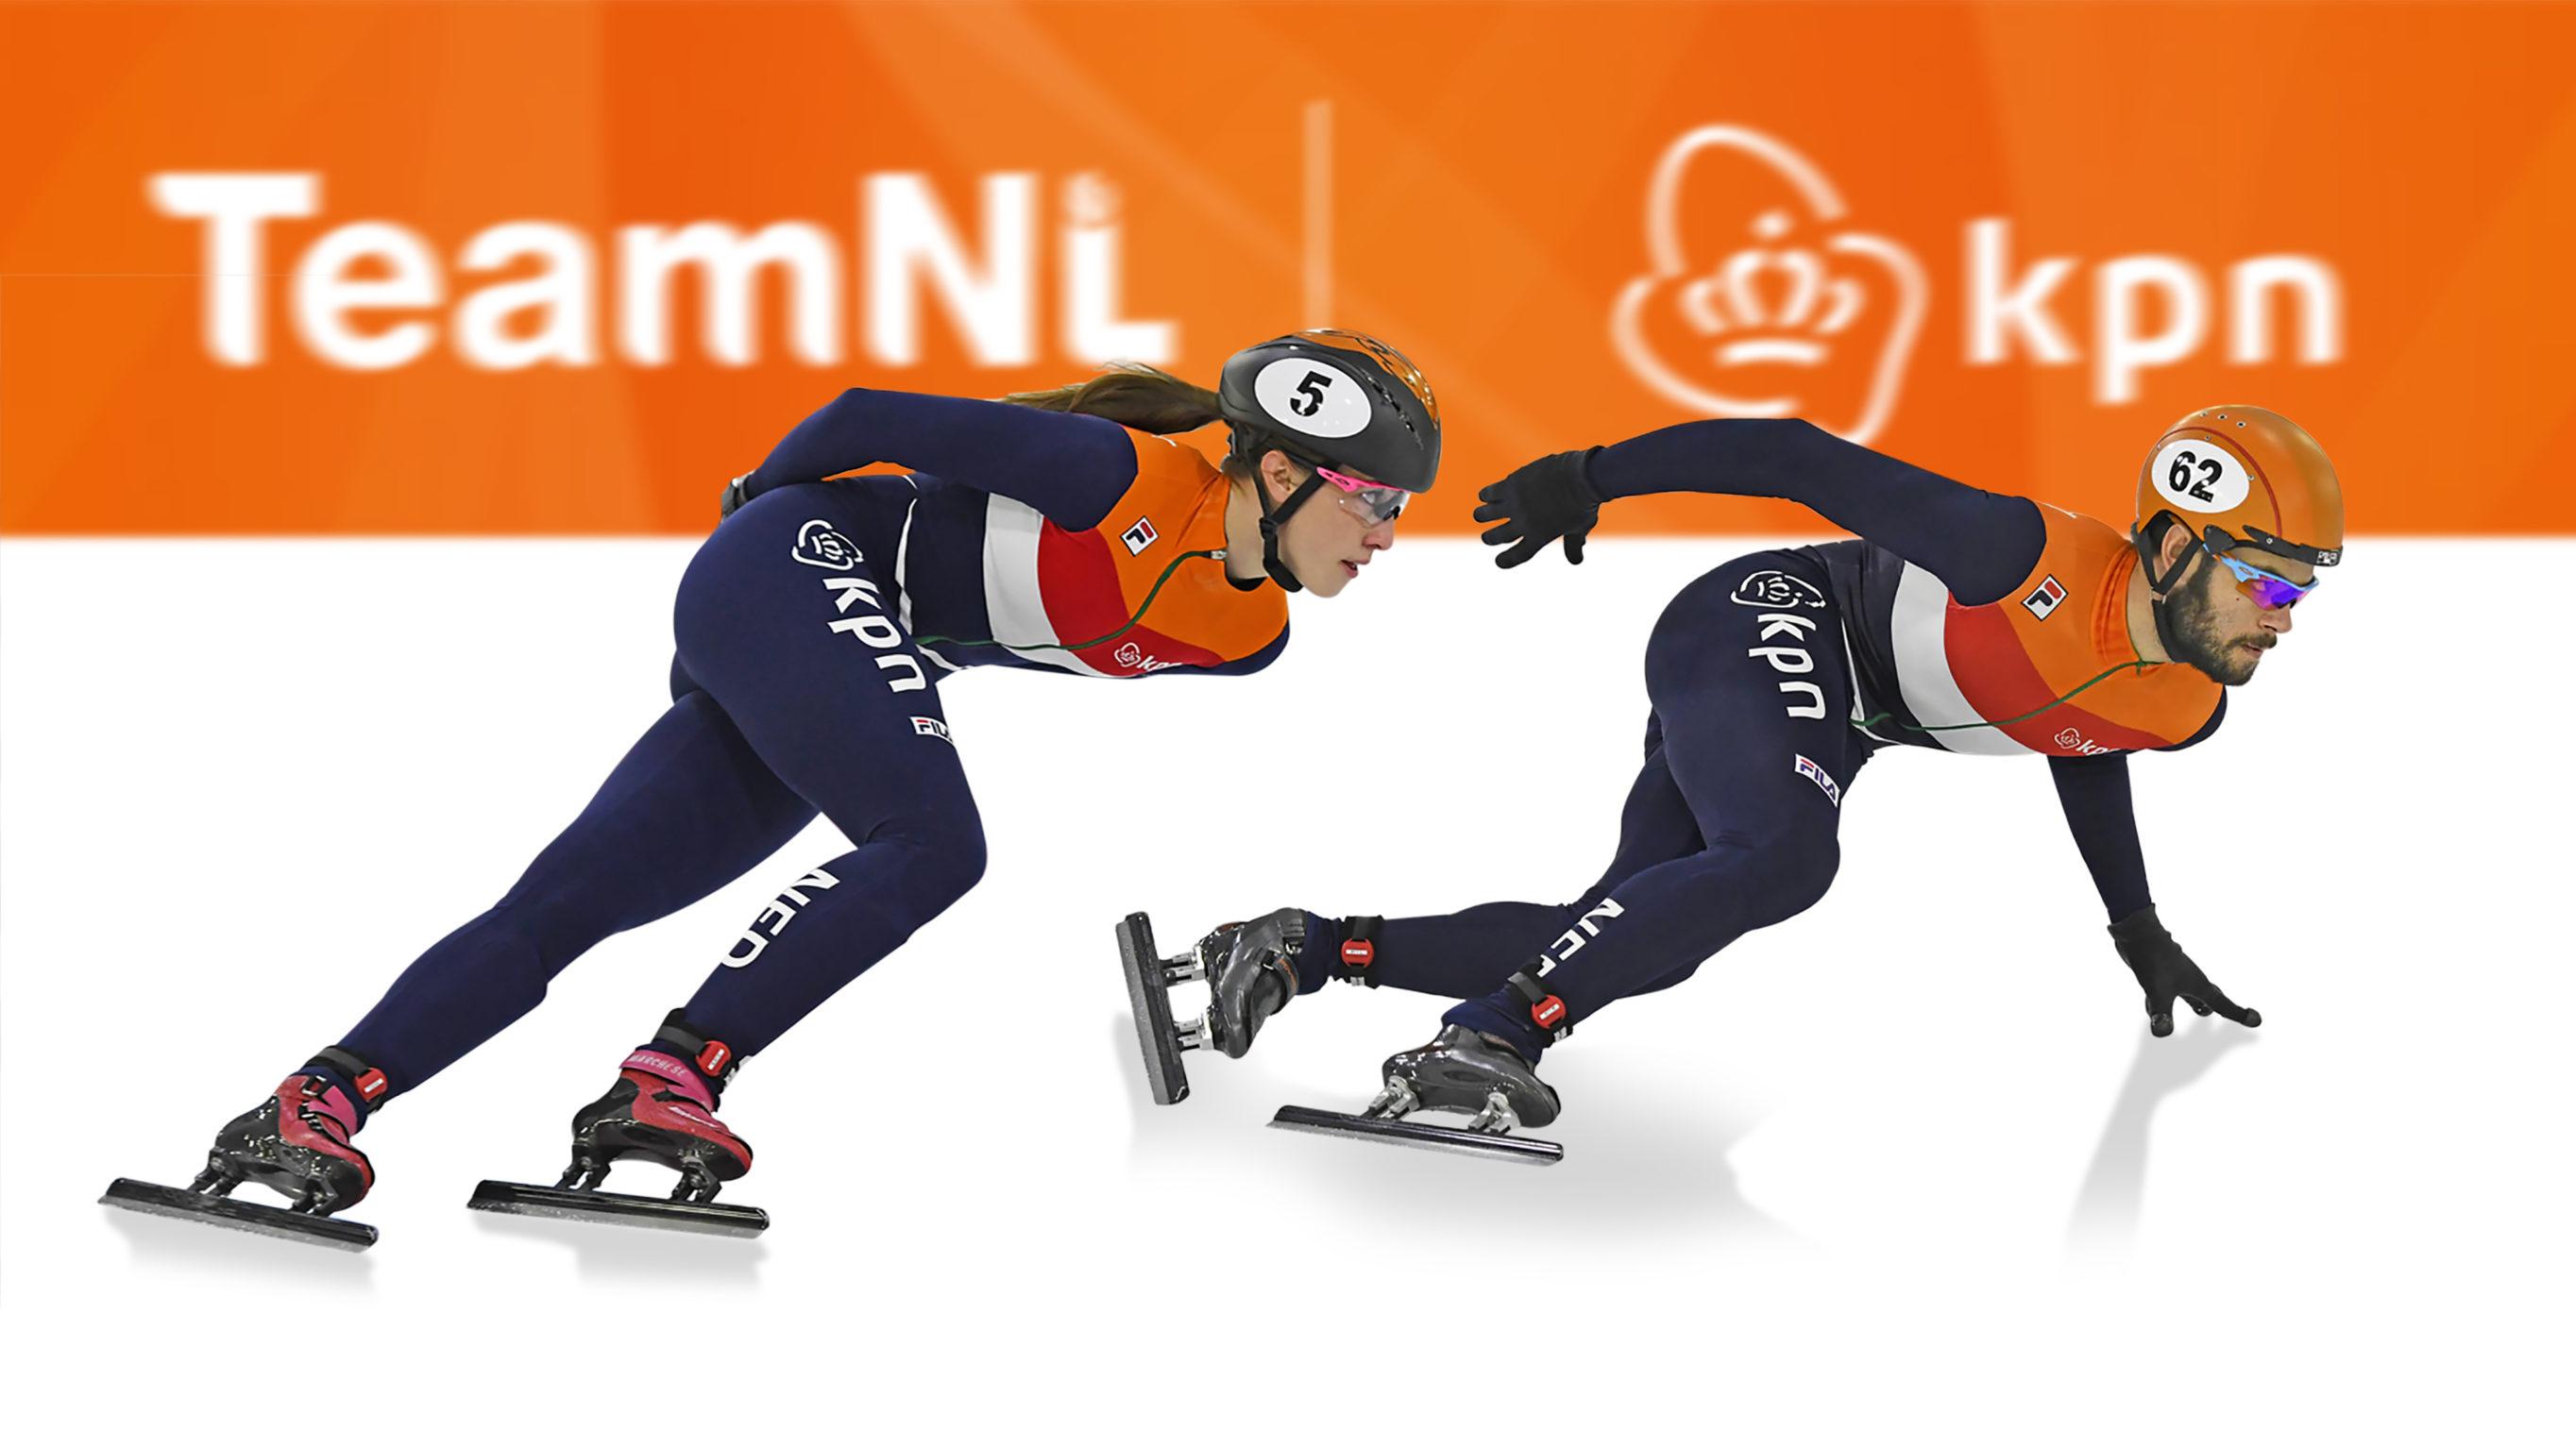 Boarding Team Nl Kpn2